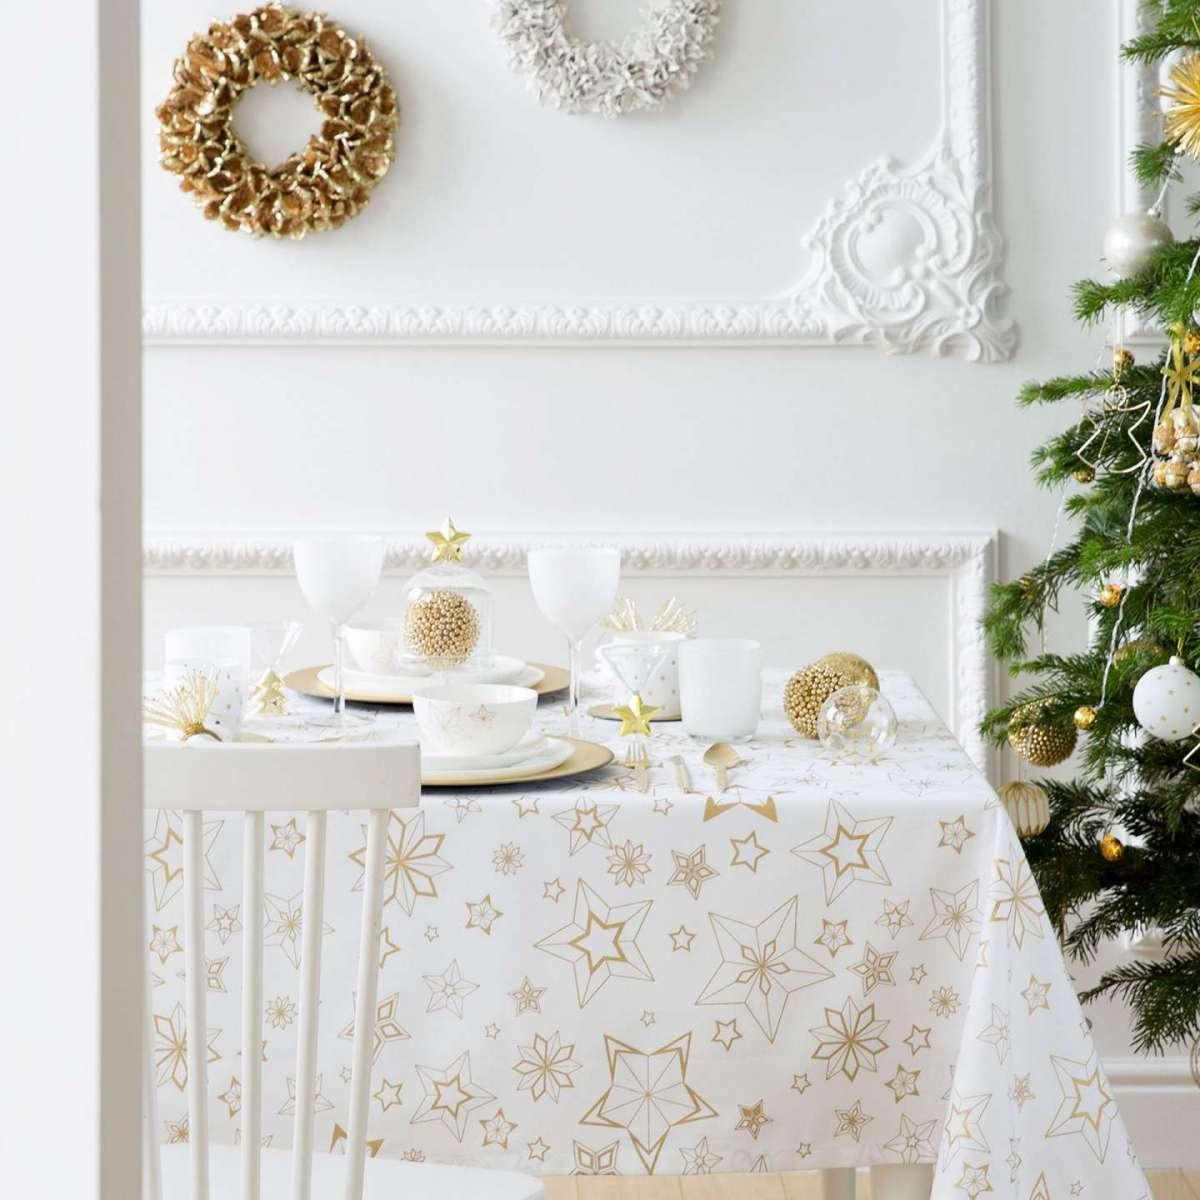 Zara Home Natale 2016: tutte le novità della collezione [FOTO]